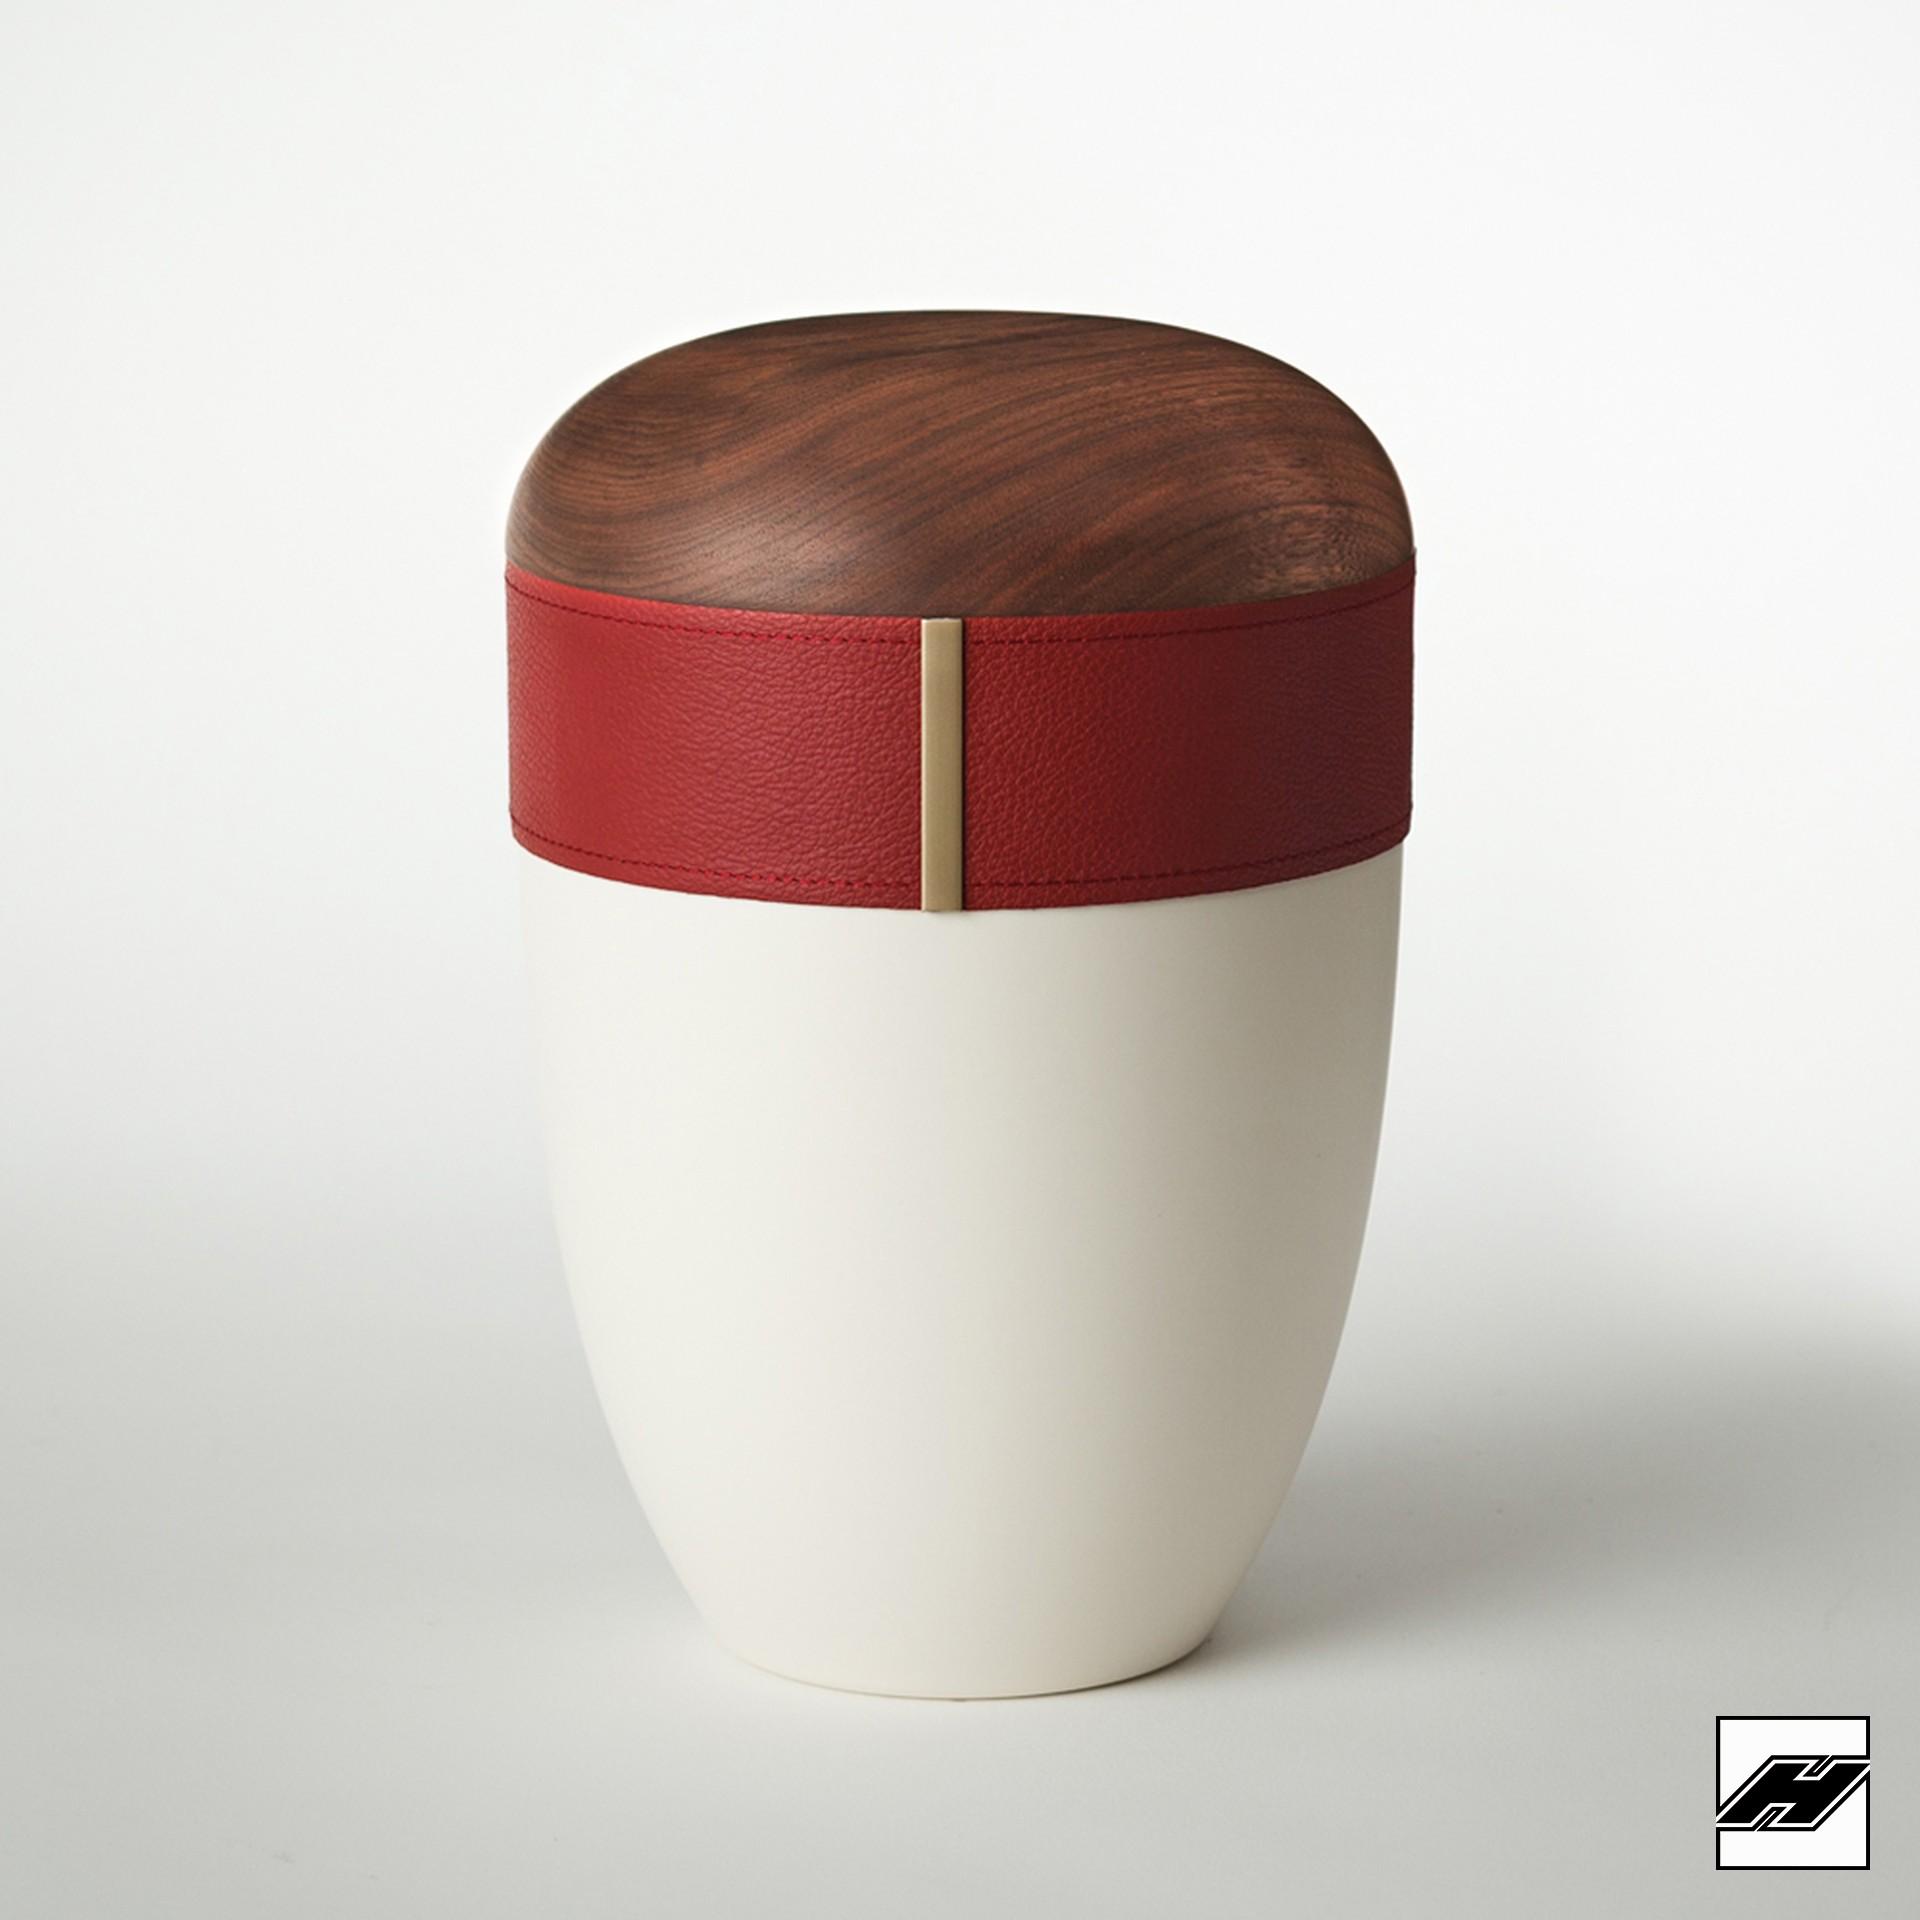 Urne Holz/Leder Bordeaux cremeweiß, mit Glattleder